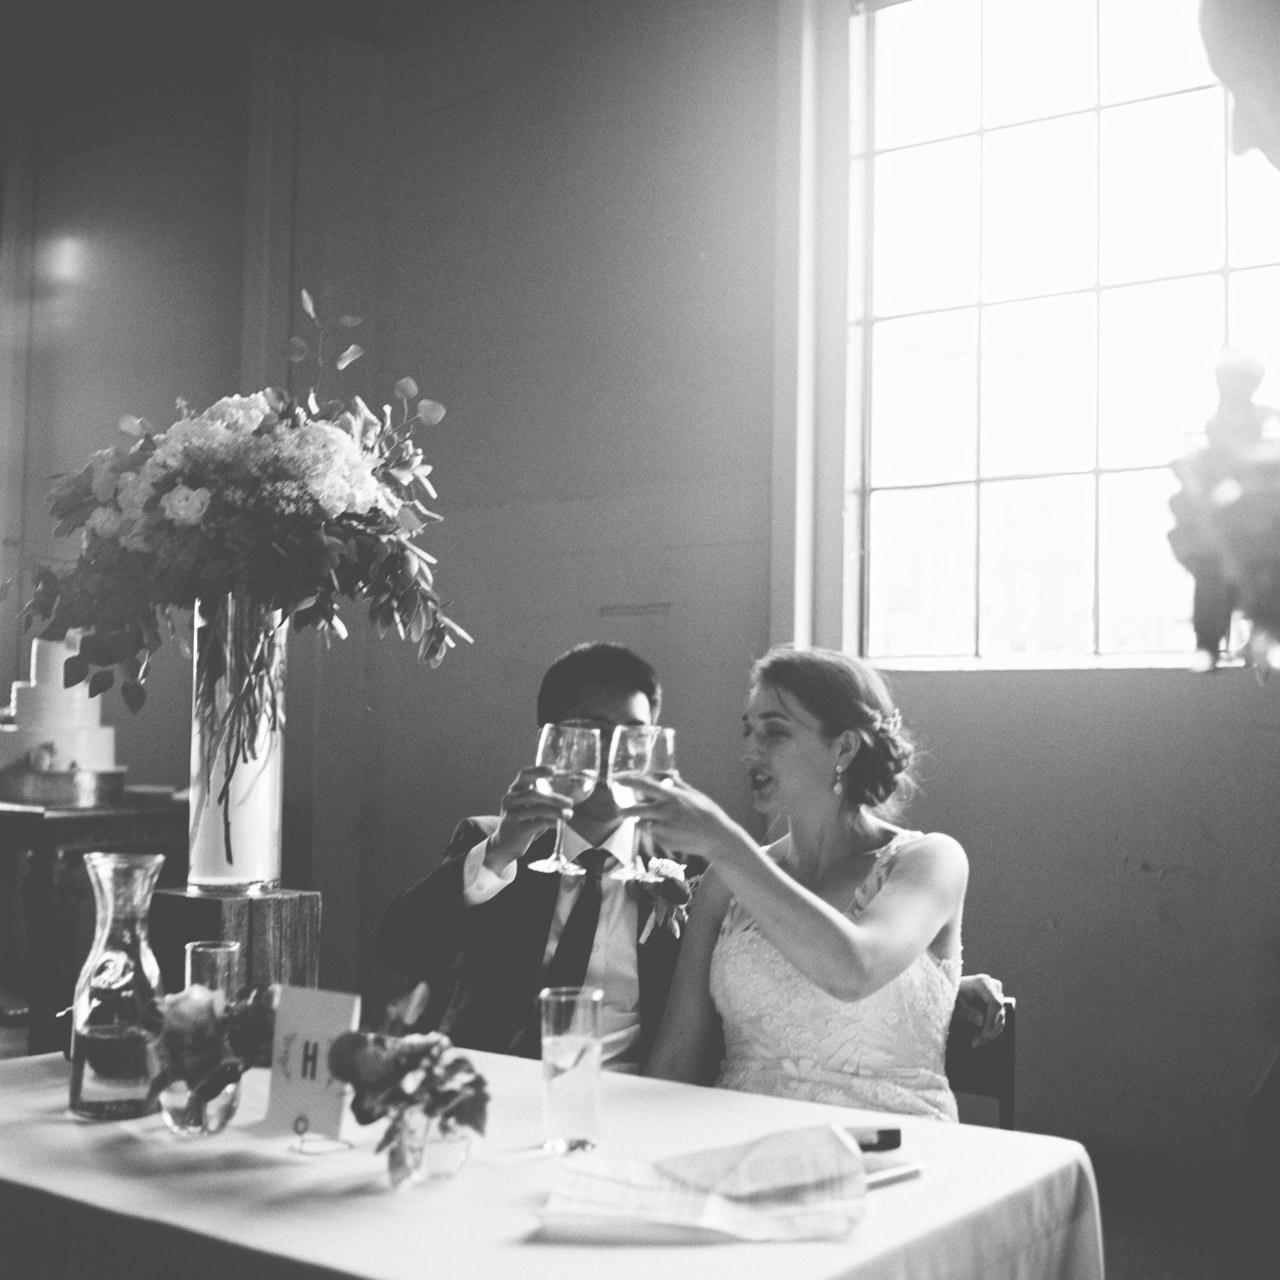 castaway-portland-oregon-wedding-108.jpg